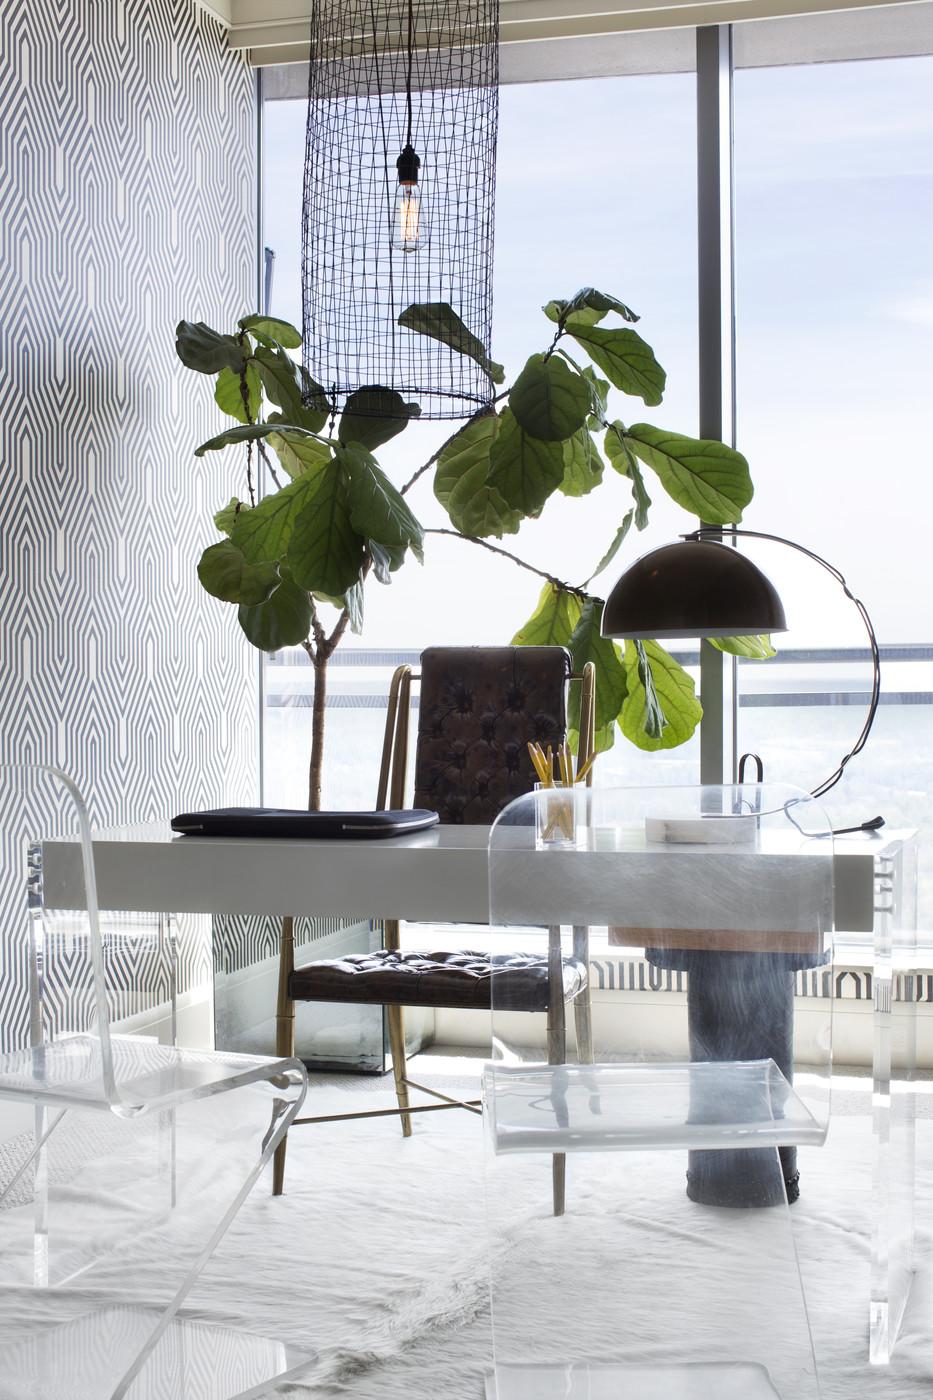 Fiddle-leaf-tree-Lee-Kleinhelter-model-apartment-04.jpg